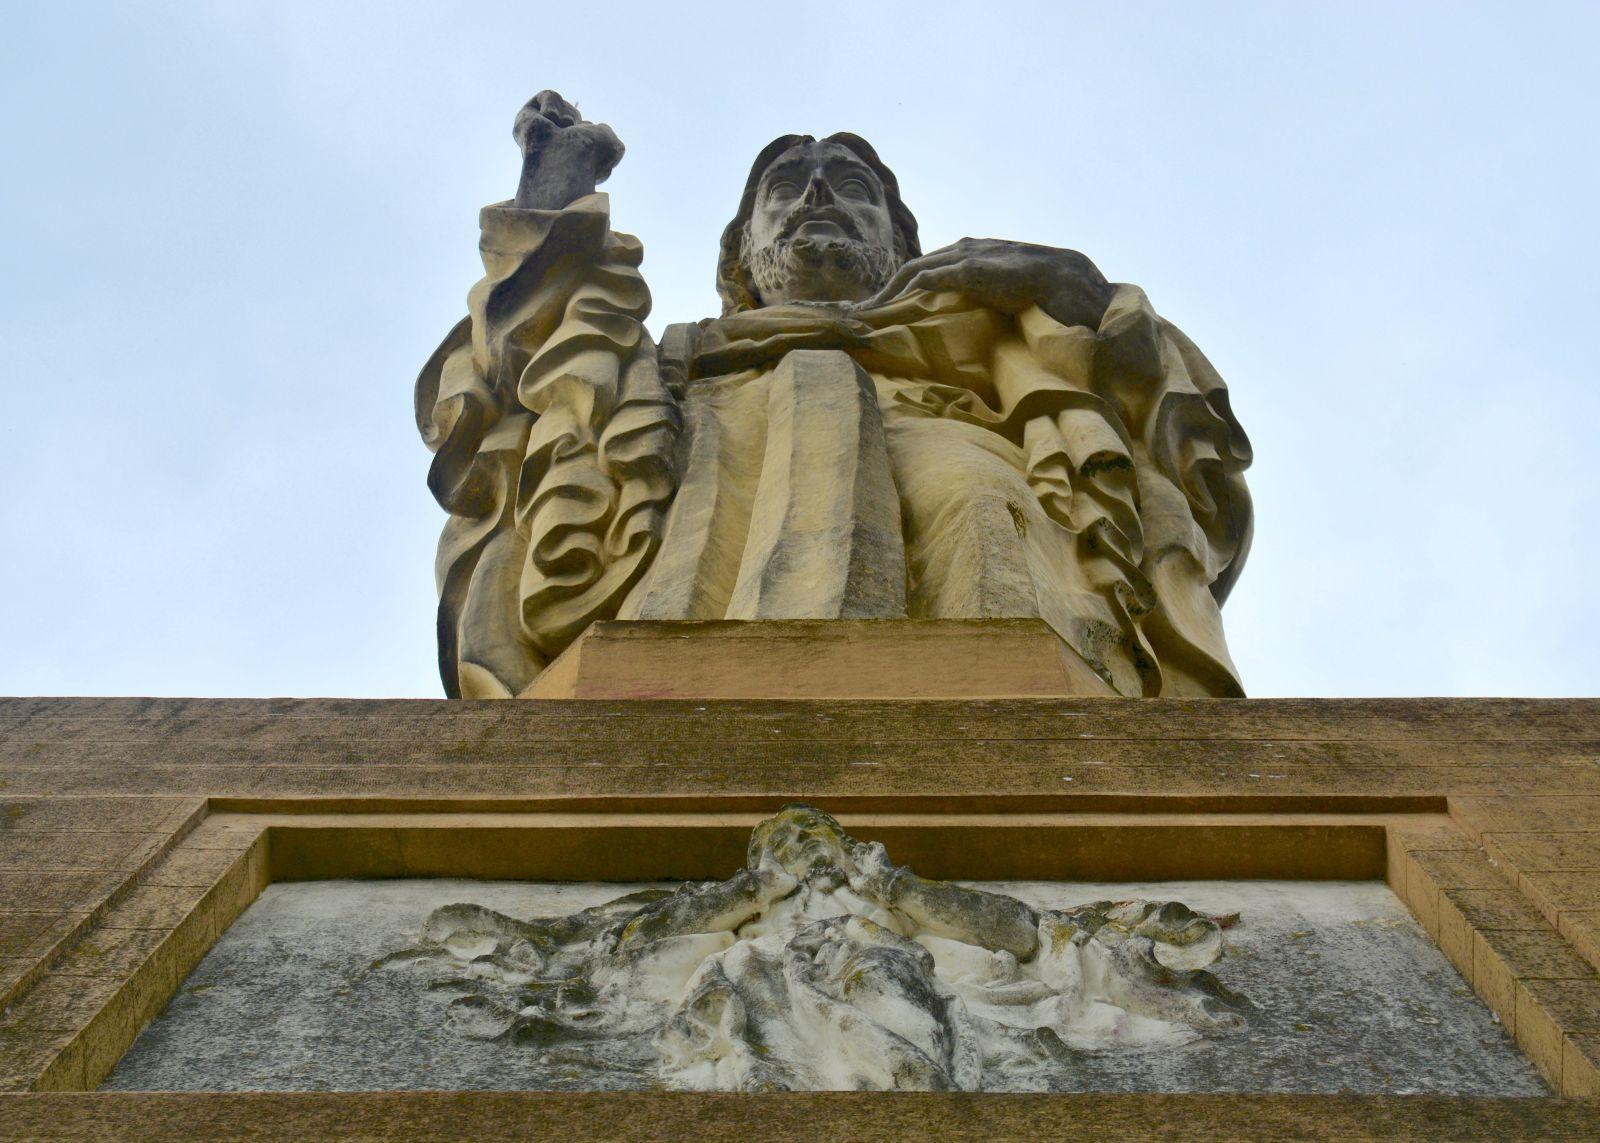 christ-statue-mount-urgull-san-sebastian-spain